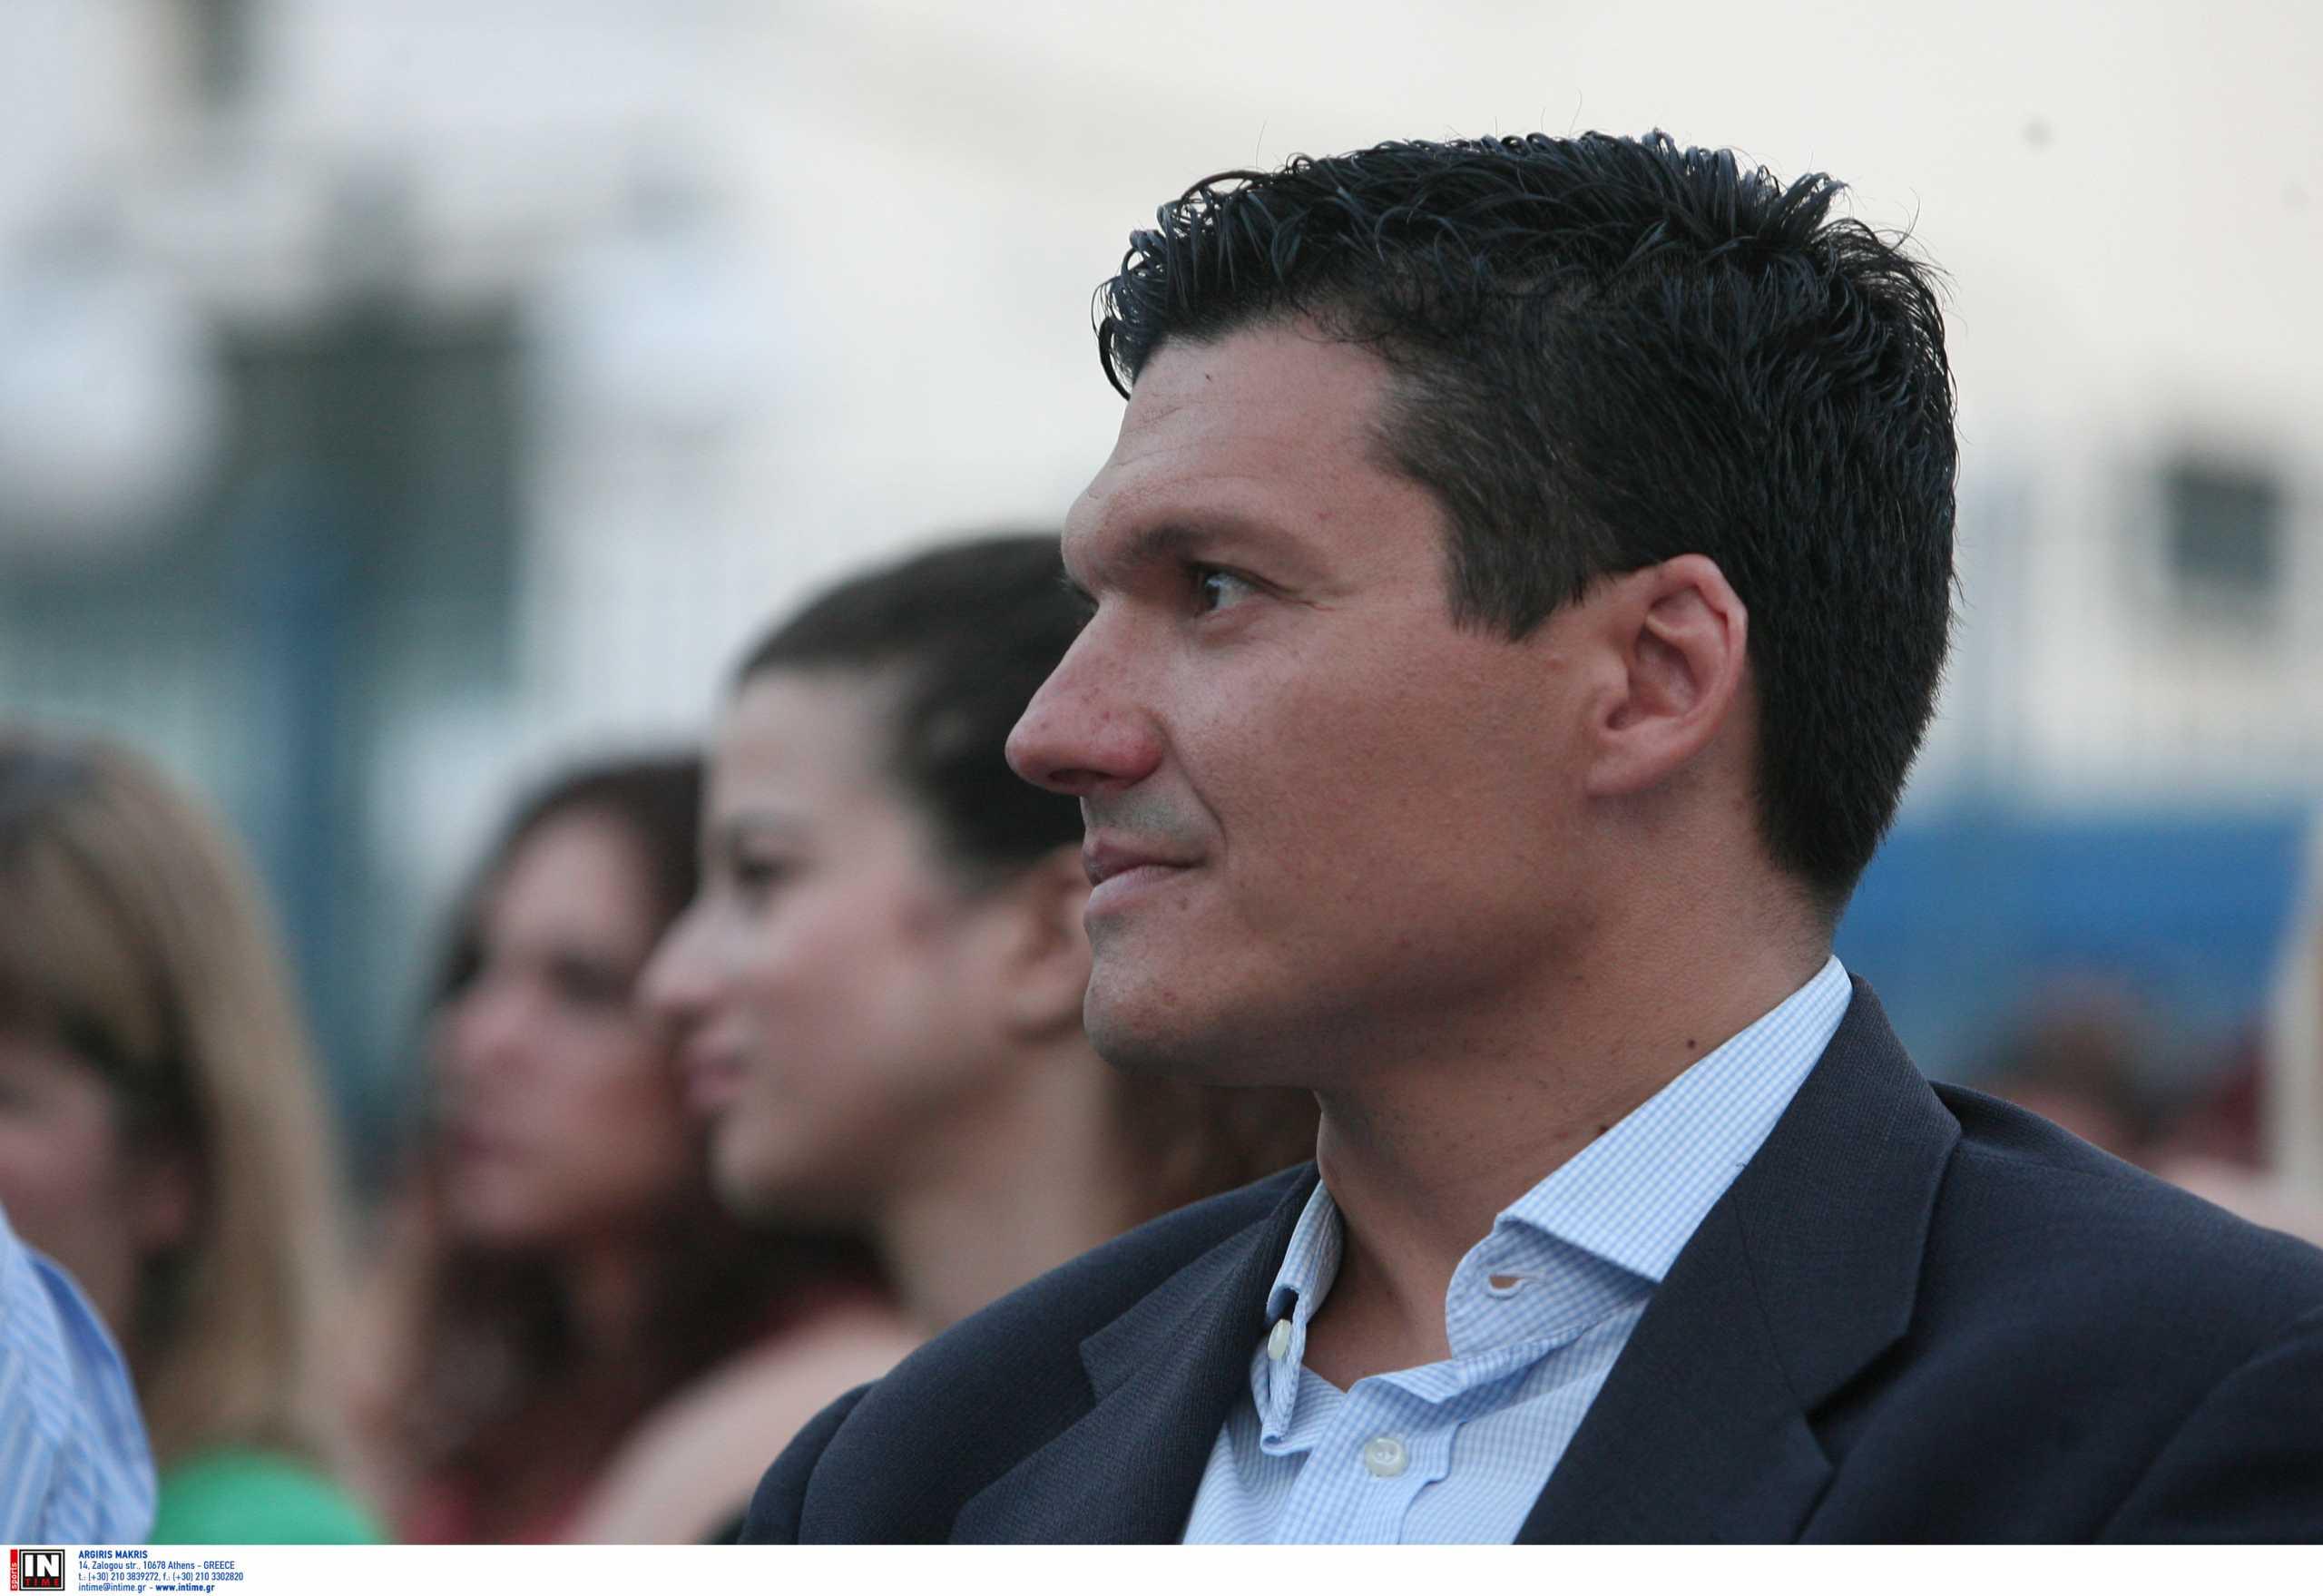 Πέθανε ο Βασίλης Τοκάκης – Έχασε τη μάχη με τον καρκίνο